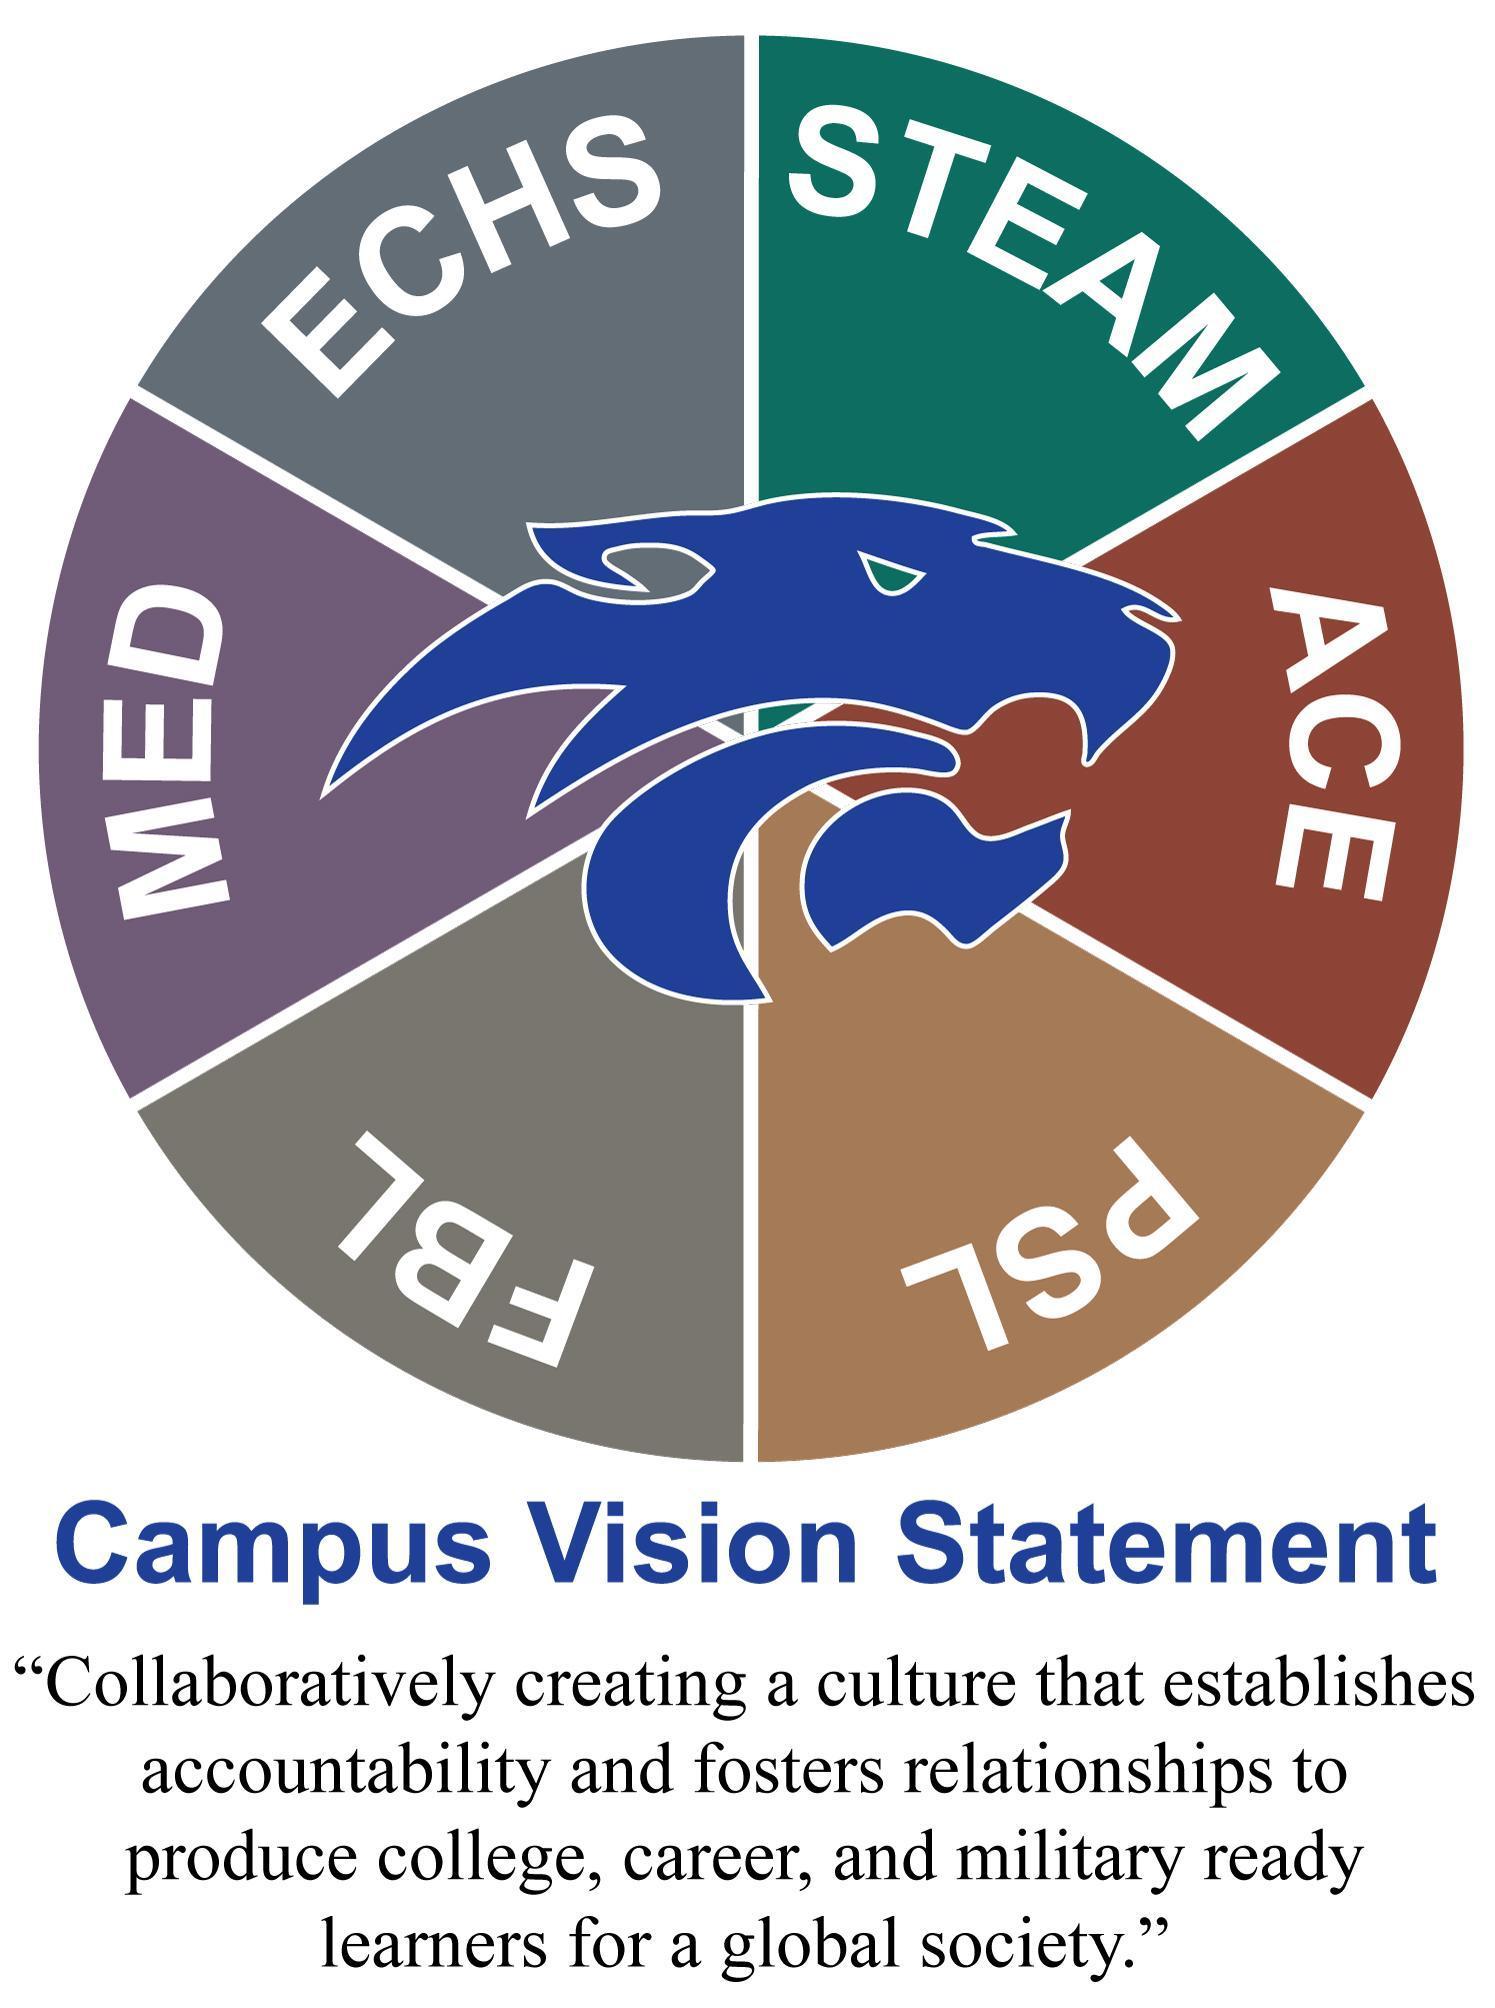 KHS Vision Statement